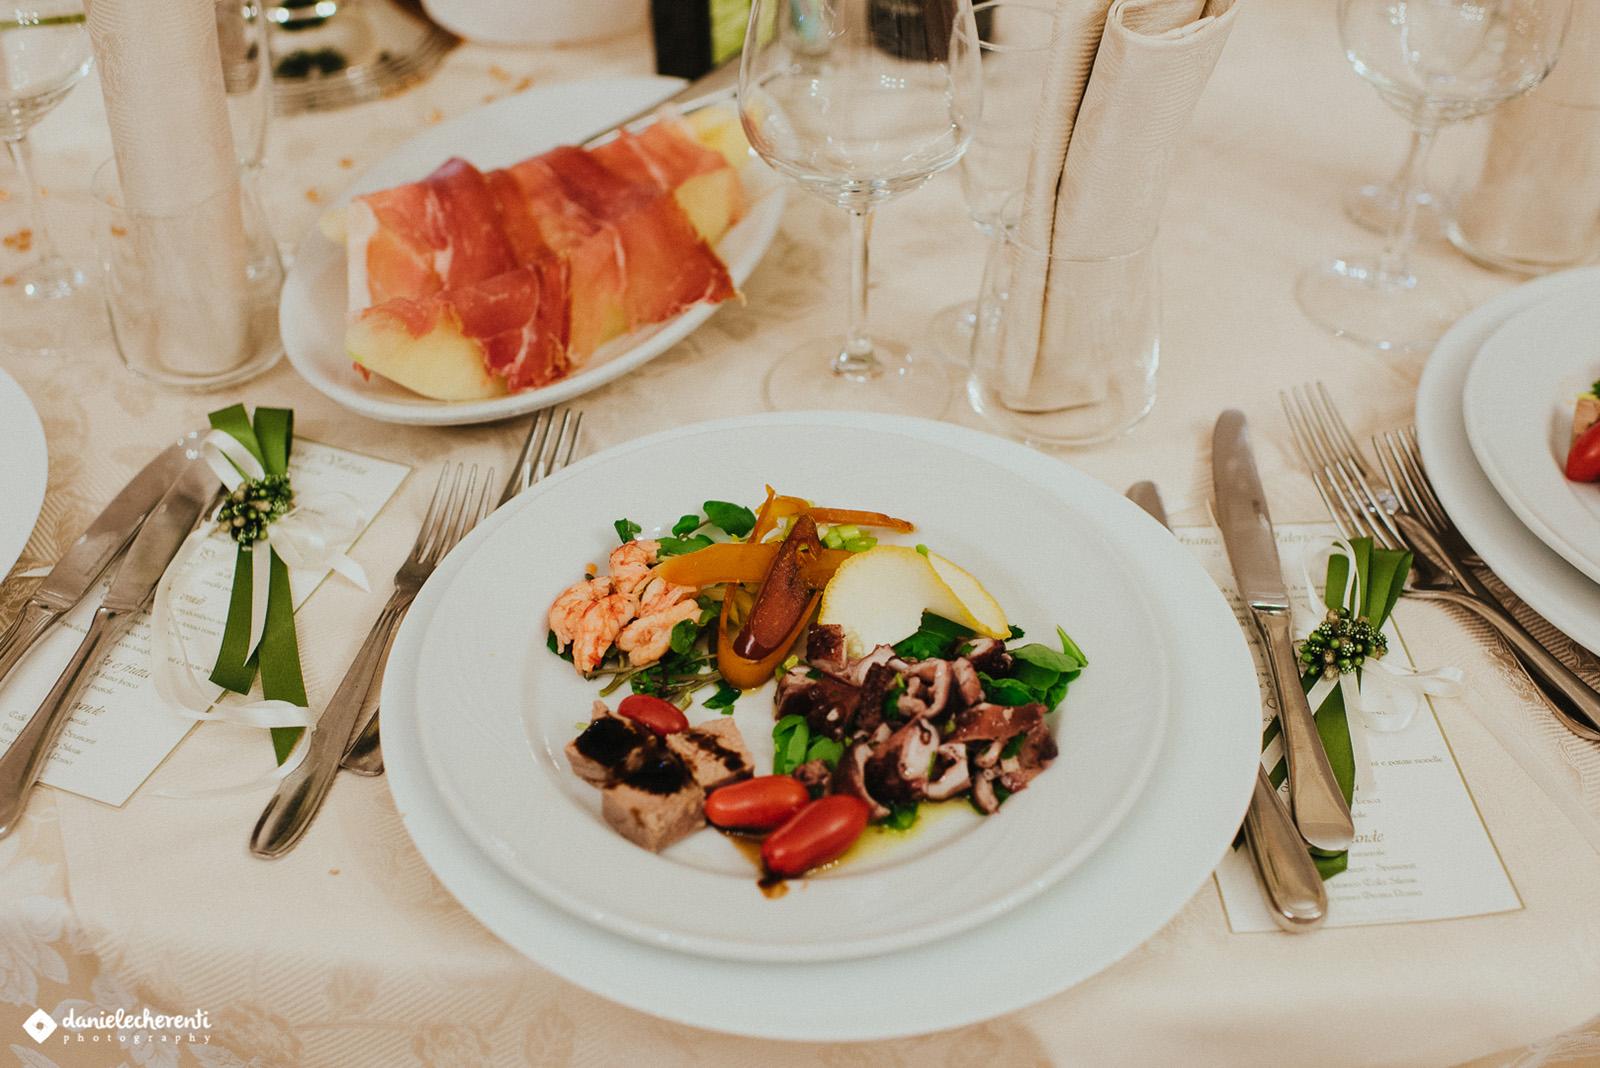 Cucina del Ristorante Tanit - Ristorante a Carbonia dal 1981